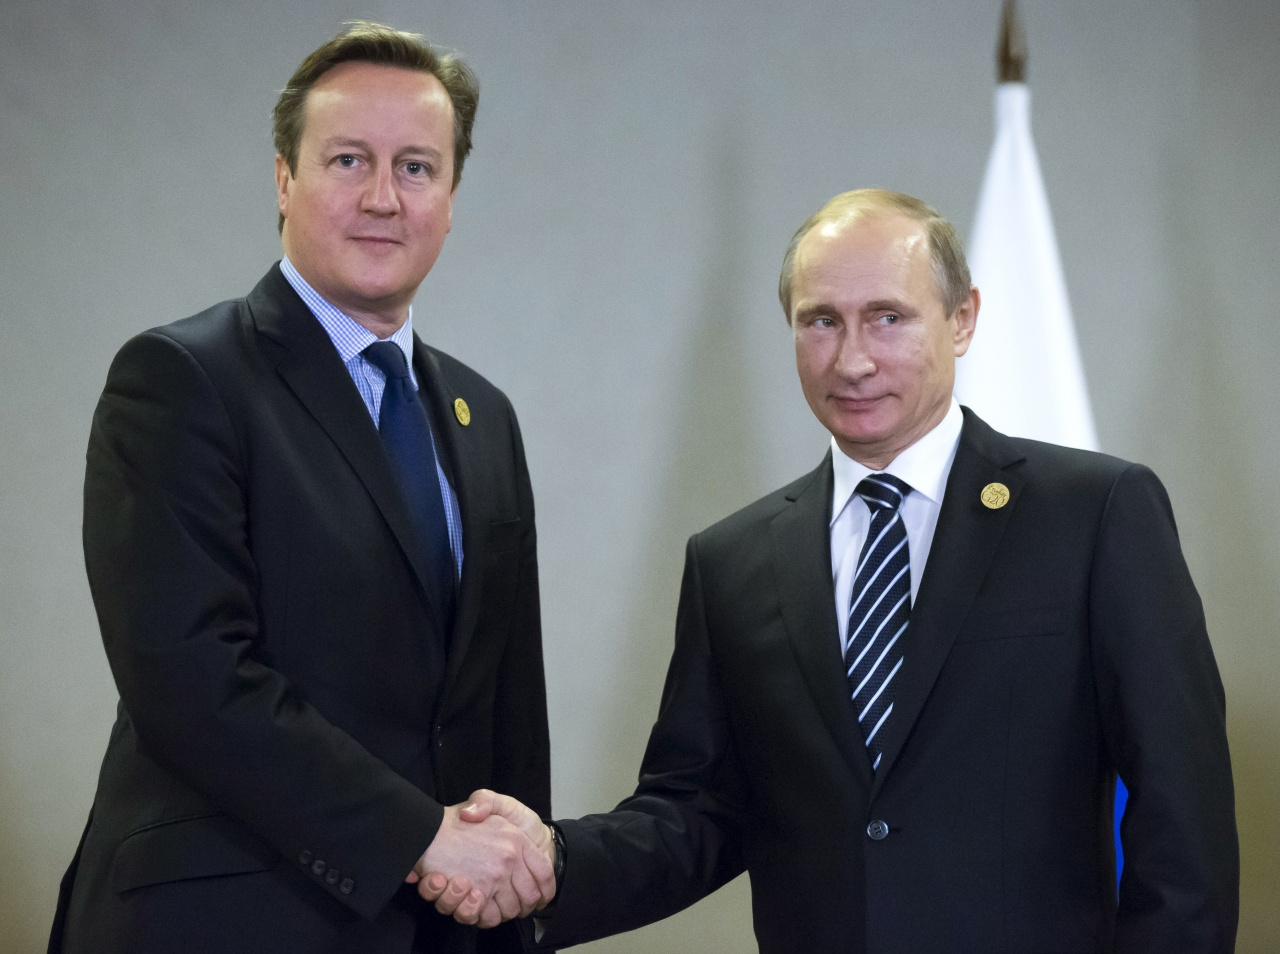 雖然普京沒有公開表明支持脫歐,但他一直希望削弱歐盟勢力。(美聯社)